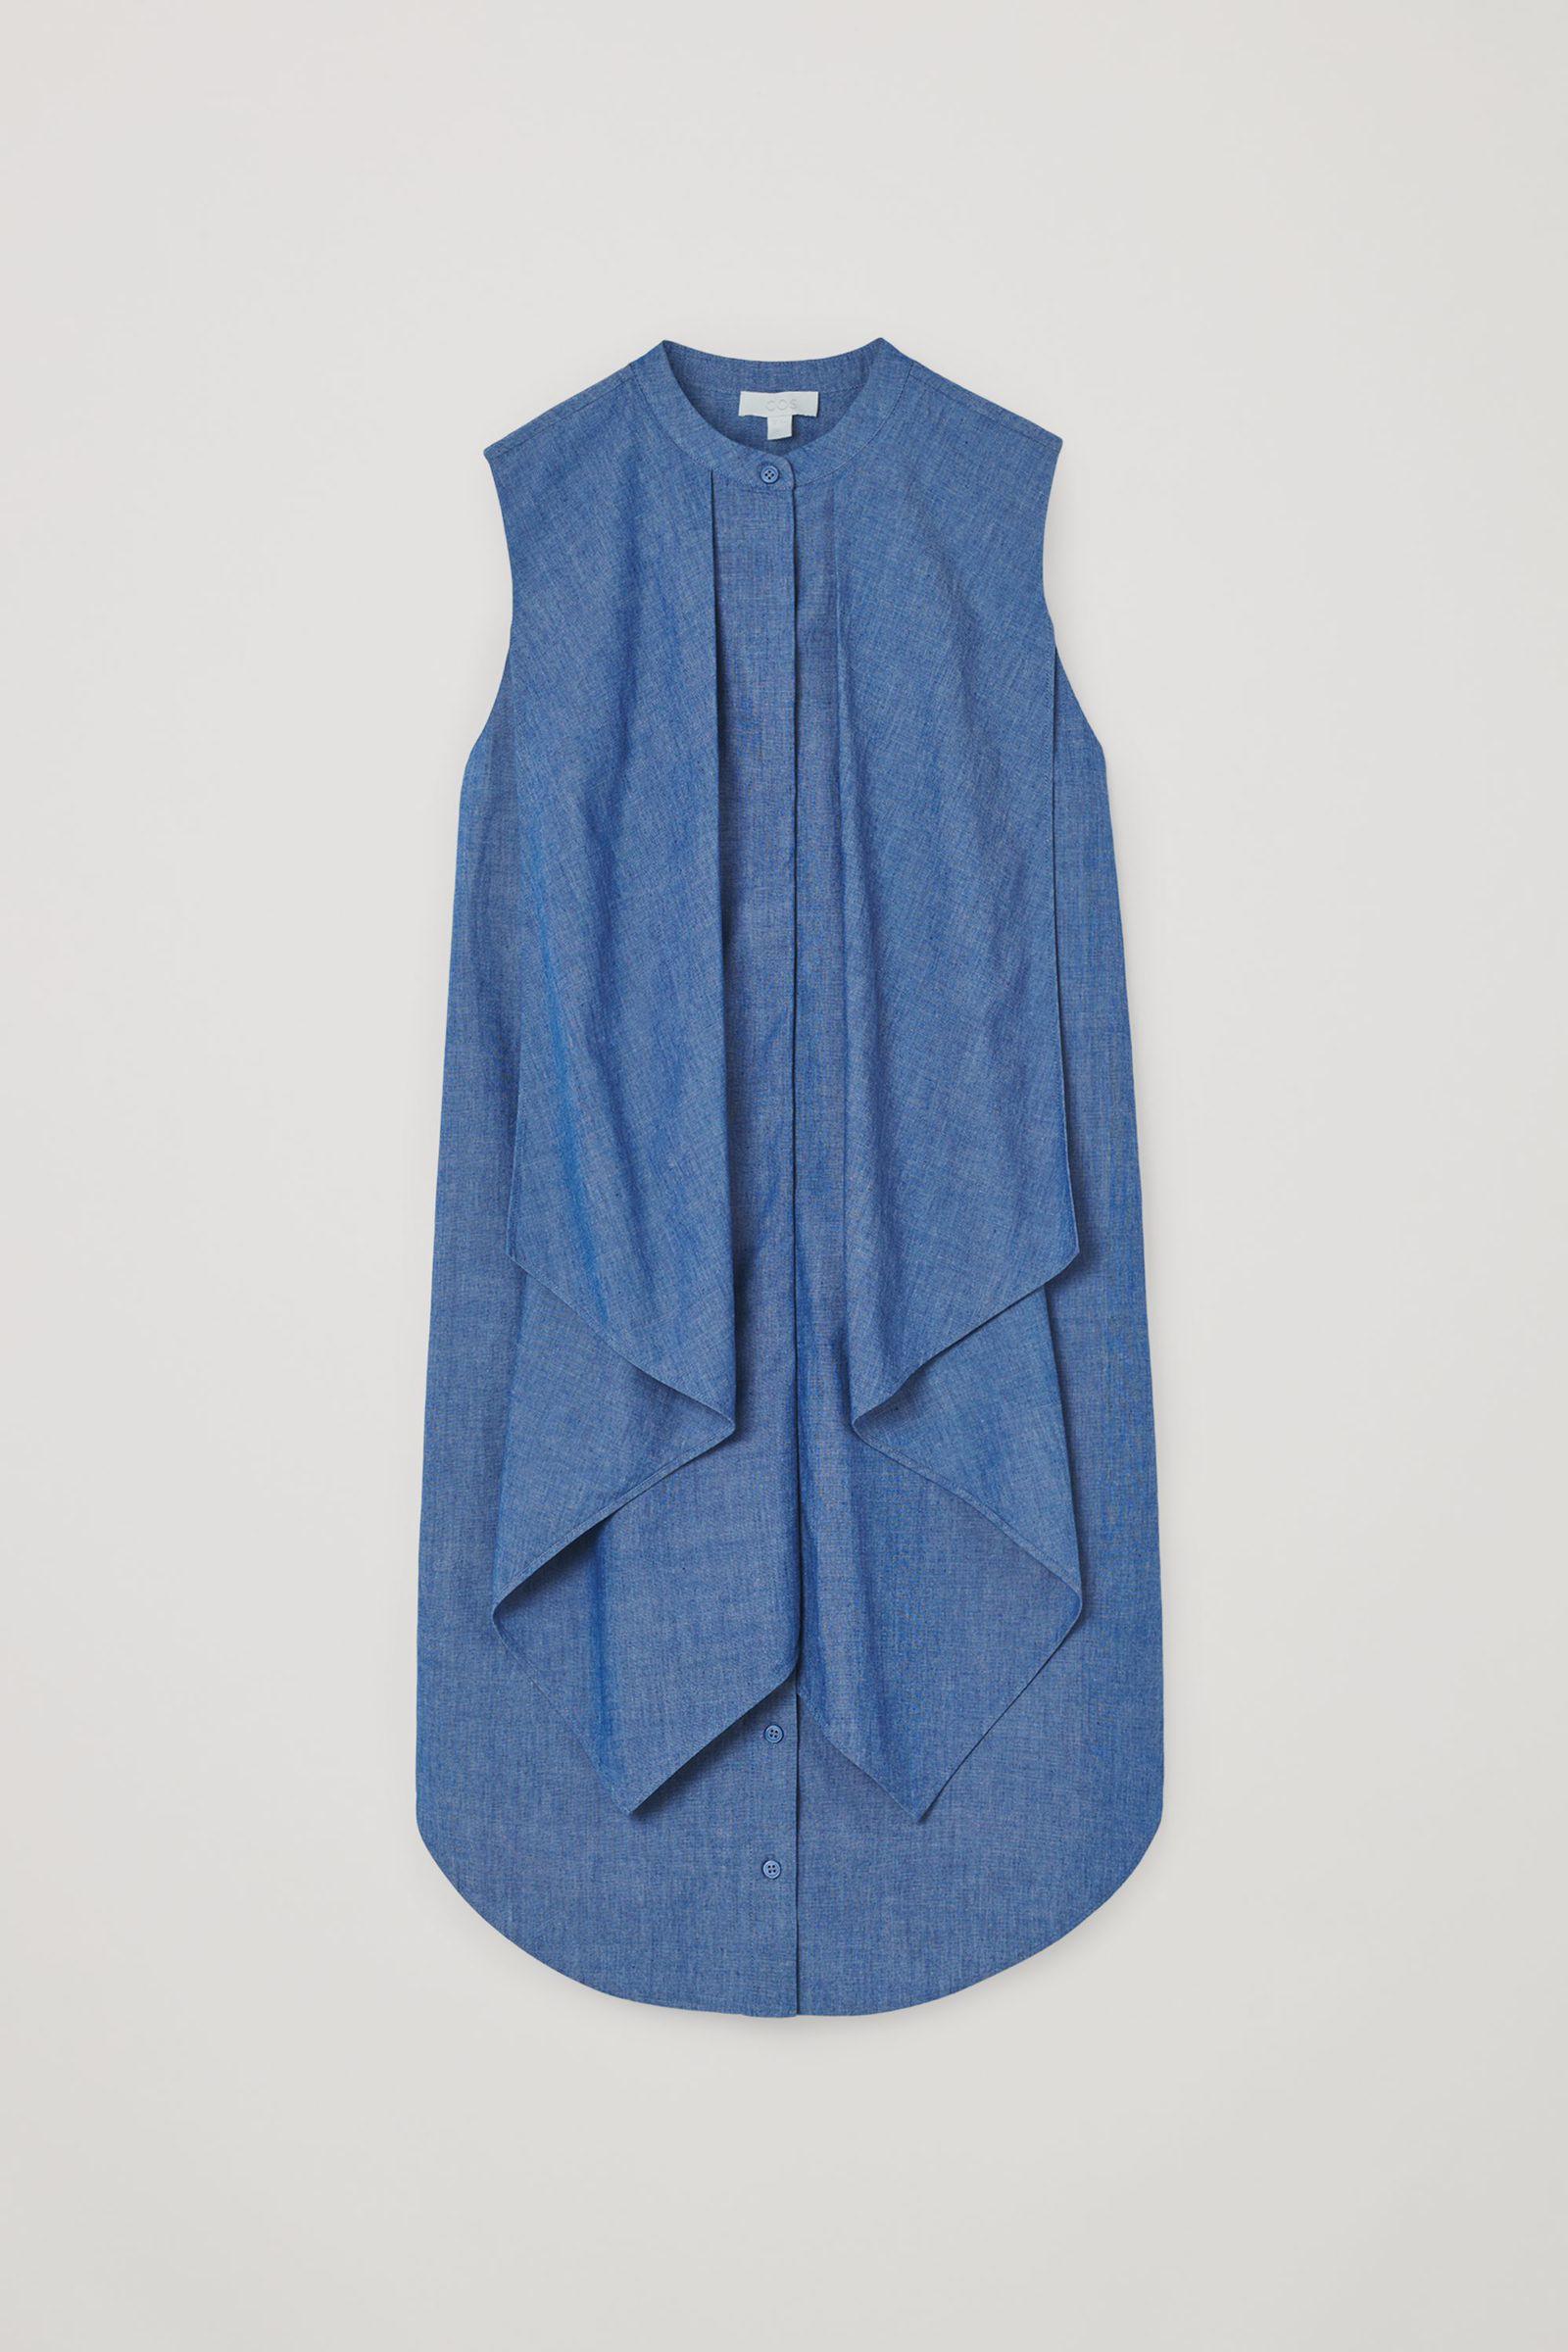 COS 오가닉 코튼 러플드 데님 드레스의 블루컬러 Product입니다.